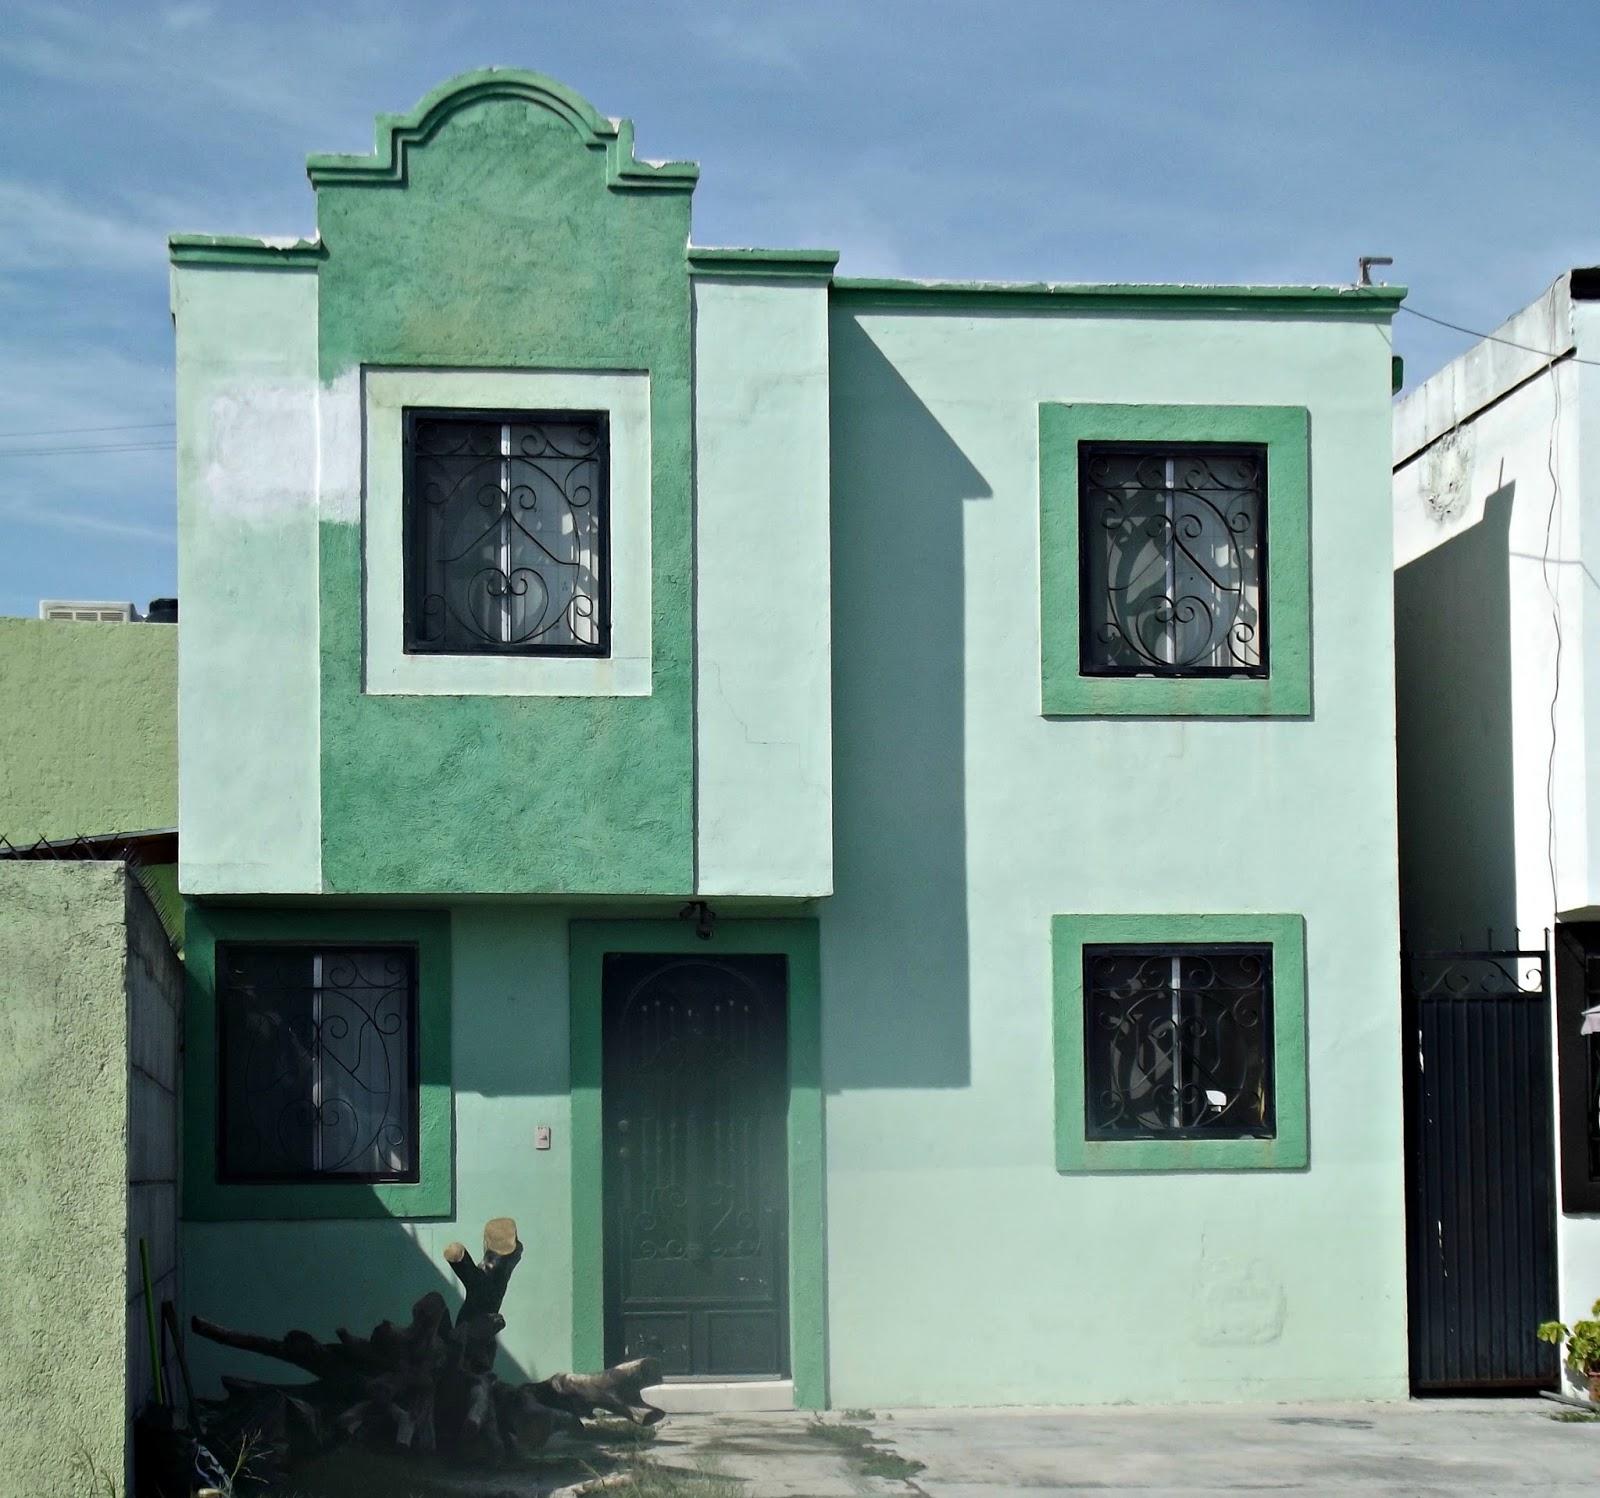 Renta de casa en los cristales calle privada delreino - Cristales para casas ...